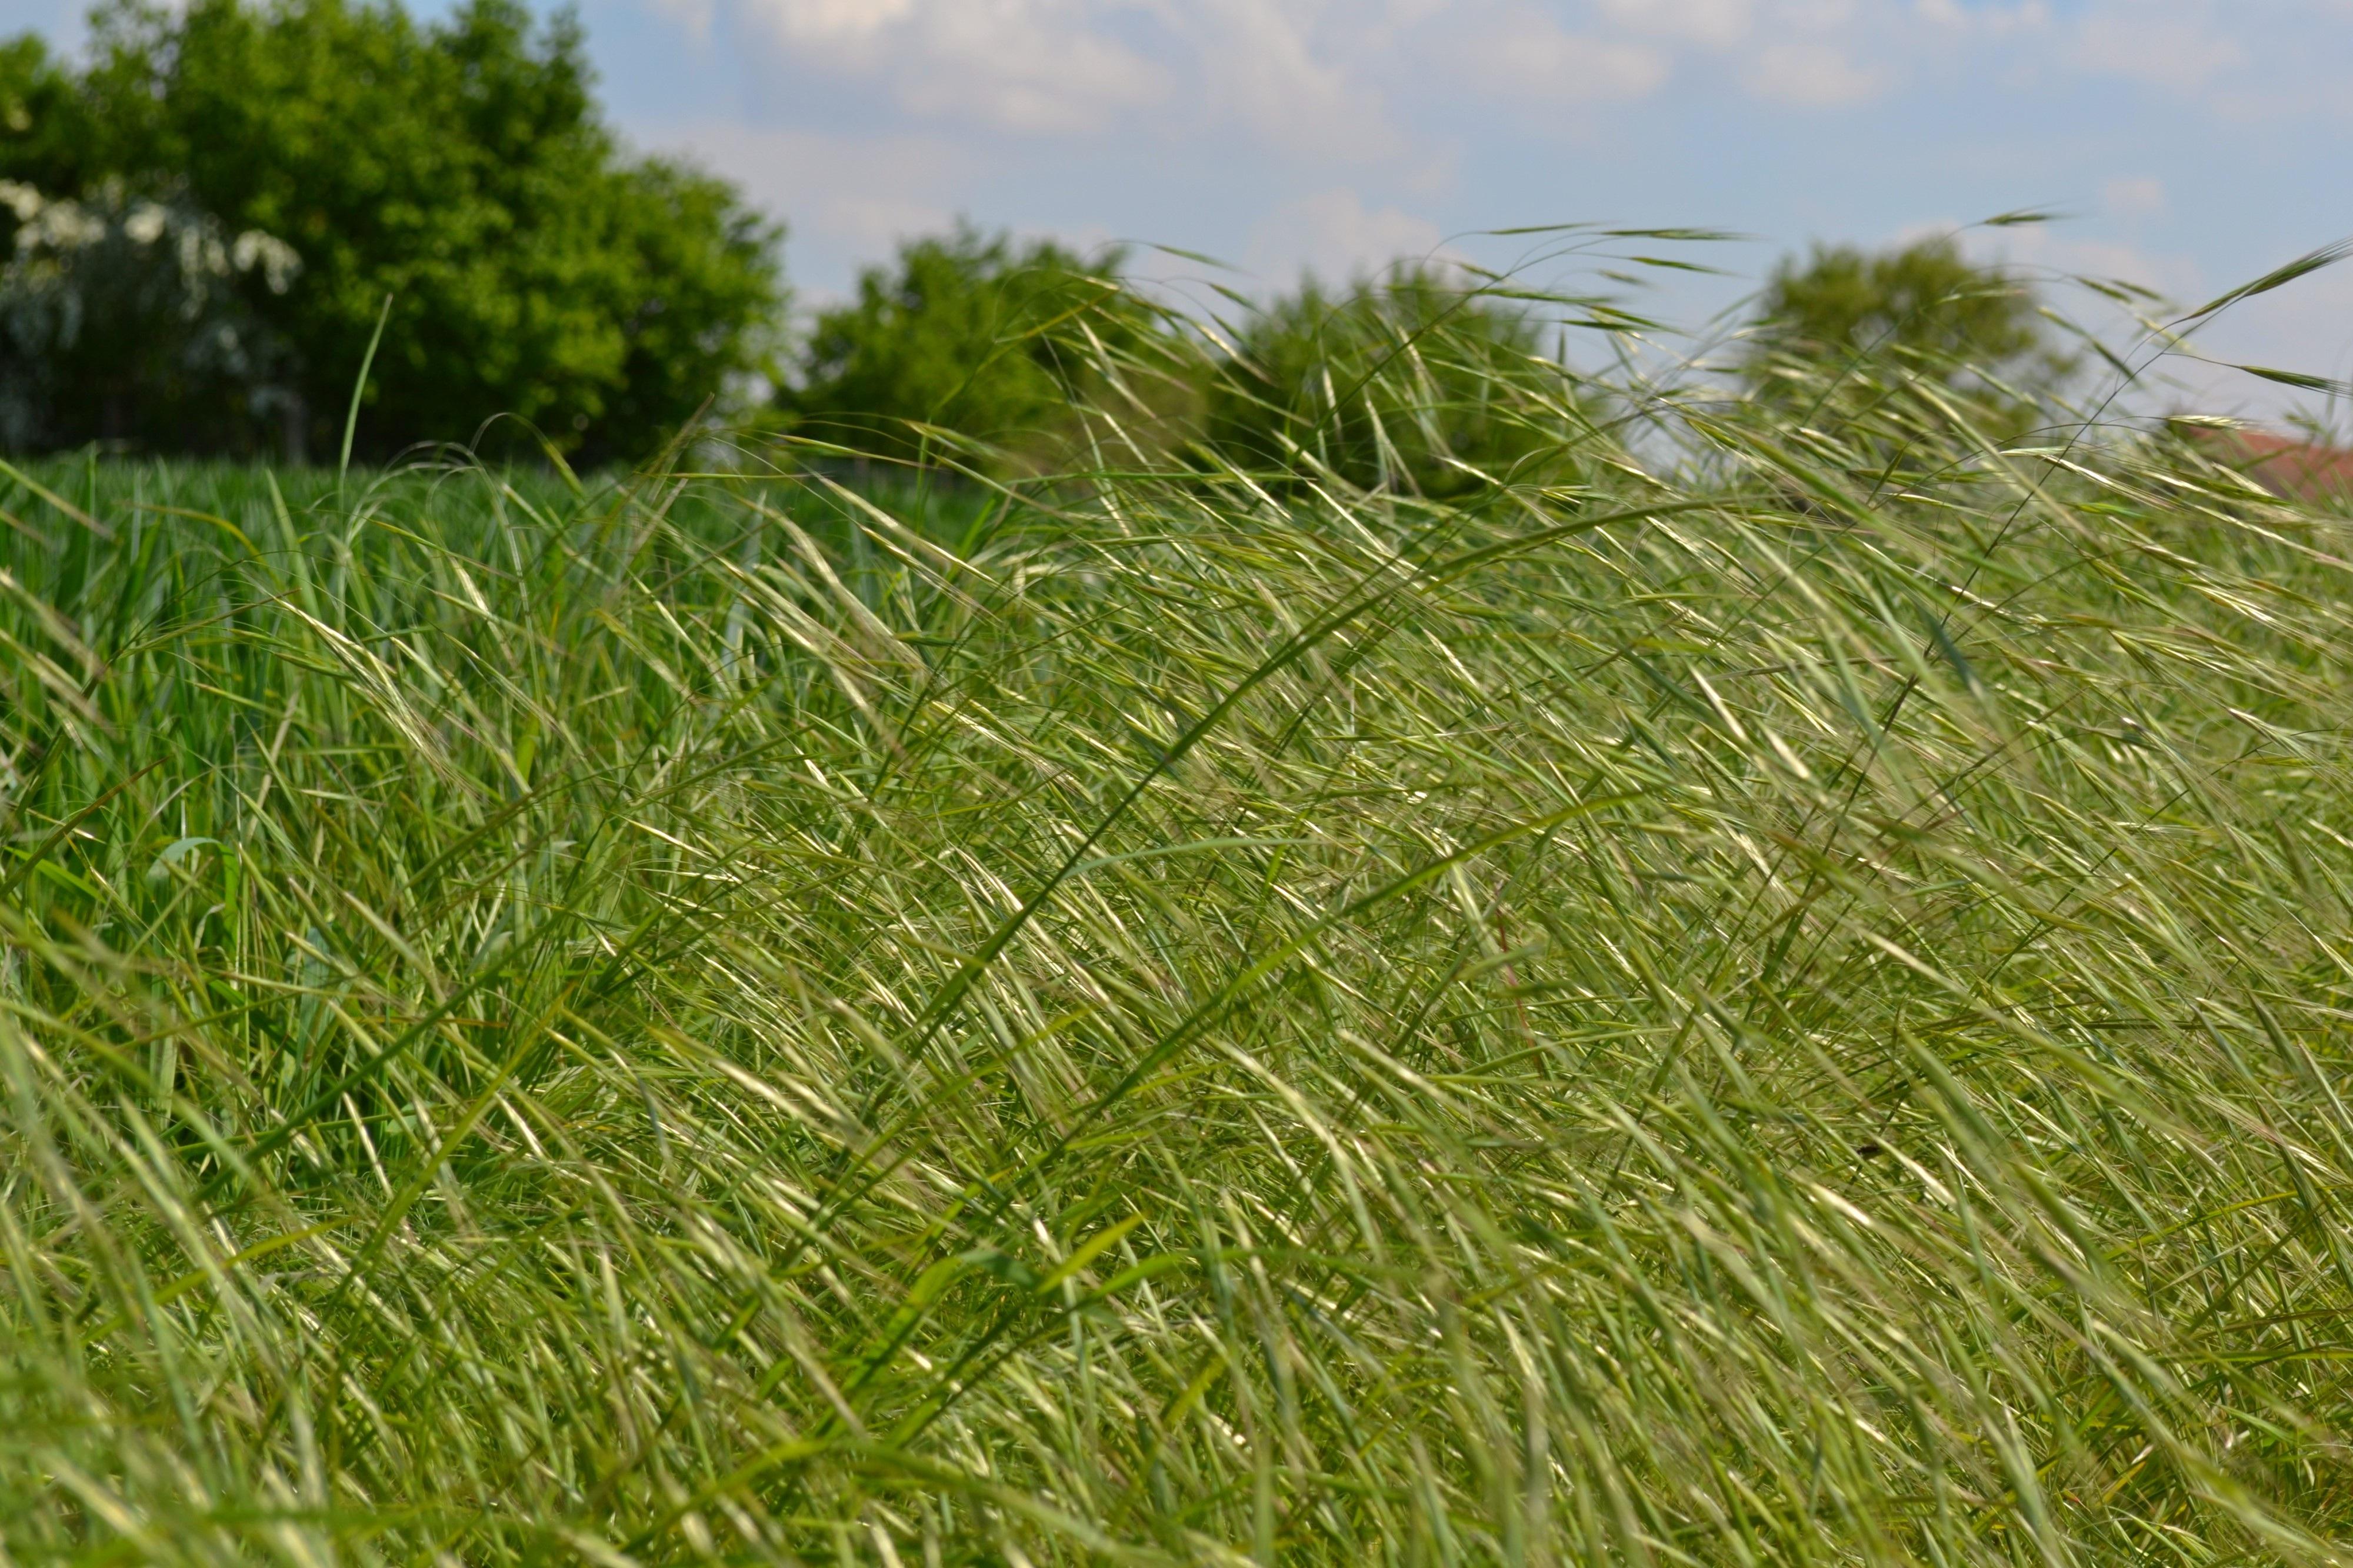 Images gratuites la nature herbe plante champ pelouse prairie prairie vert surgir - Quand planter de la pelouse ...